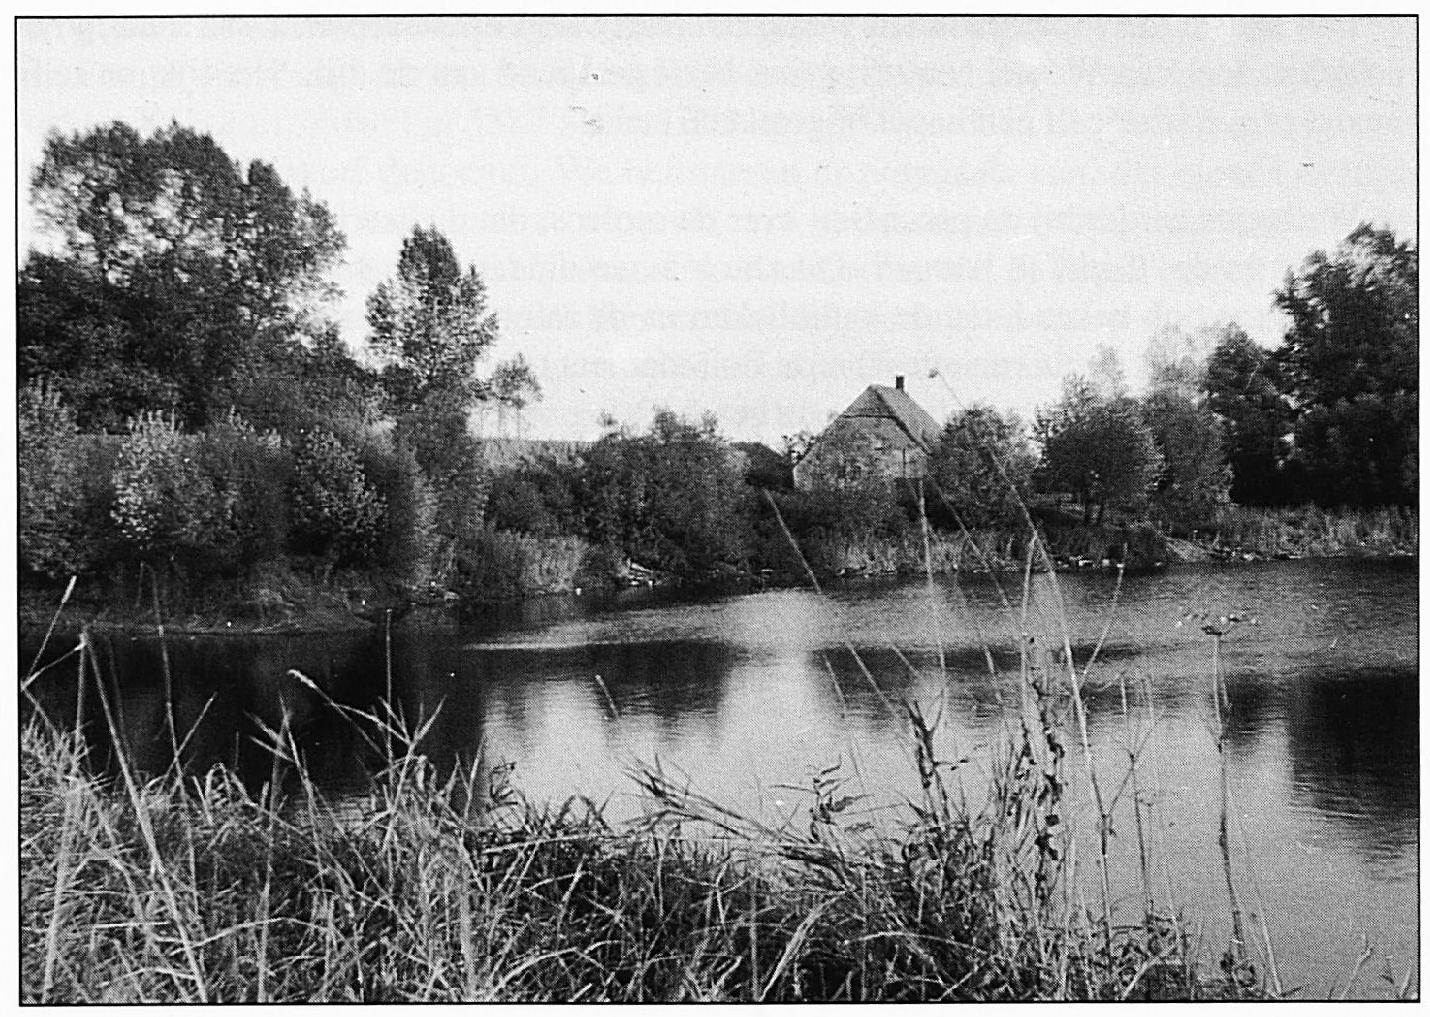 Dit huis stond op het perceel de Pollecamp, ook aan de Oude Wiel, de Pollebouwing gaat op deze foto schuil achter het geboomte links.